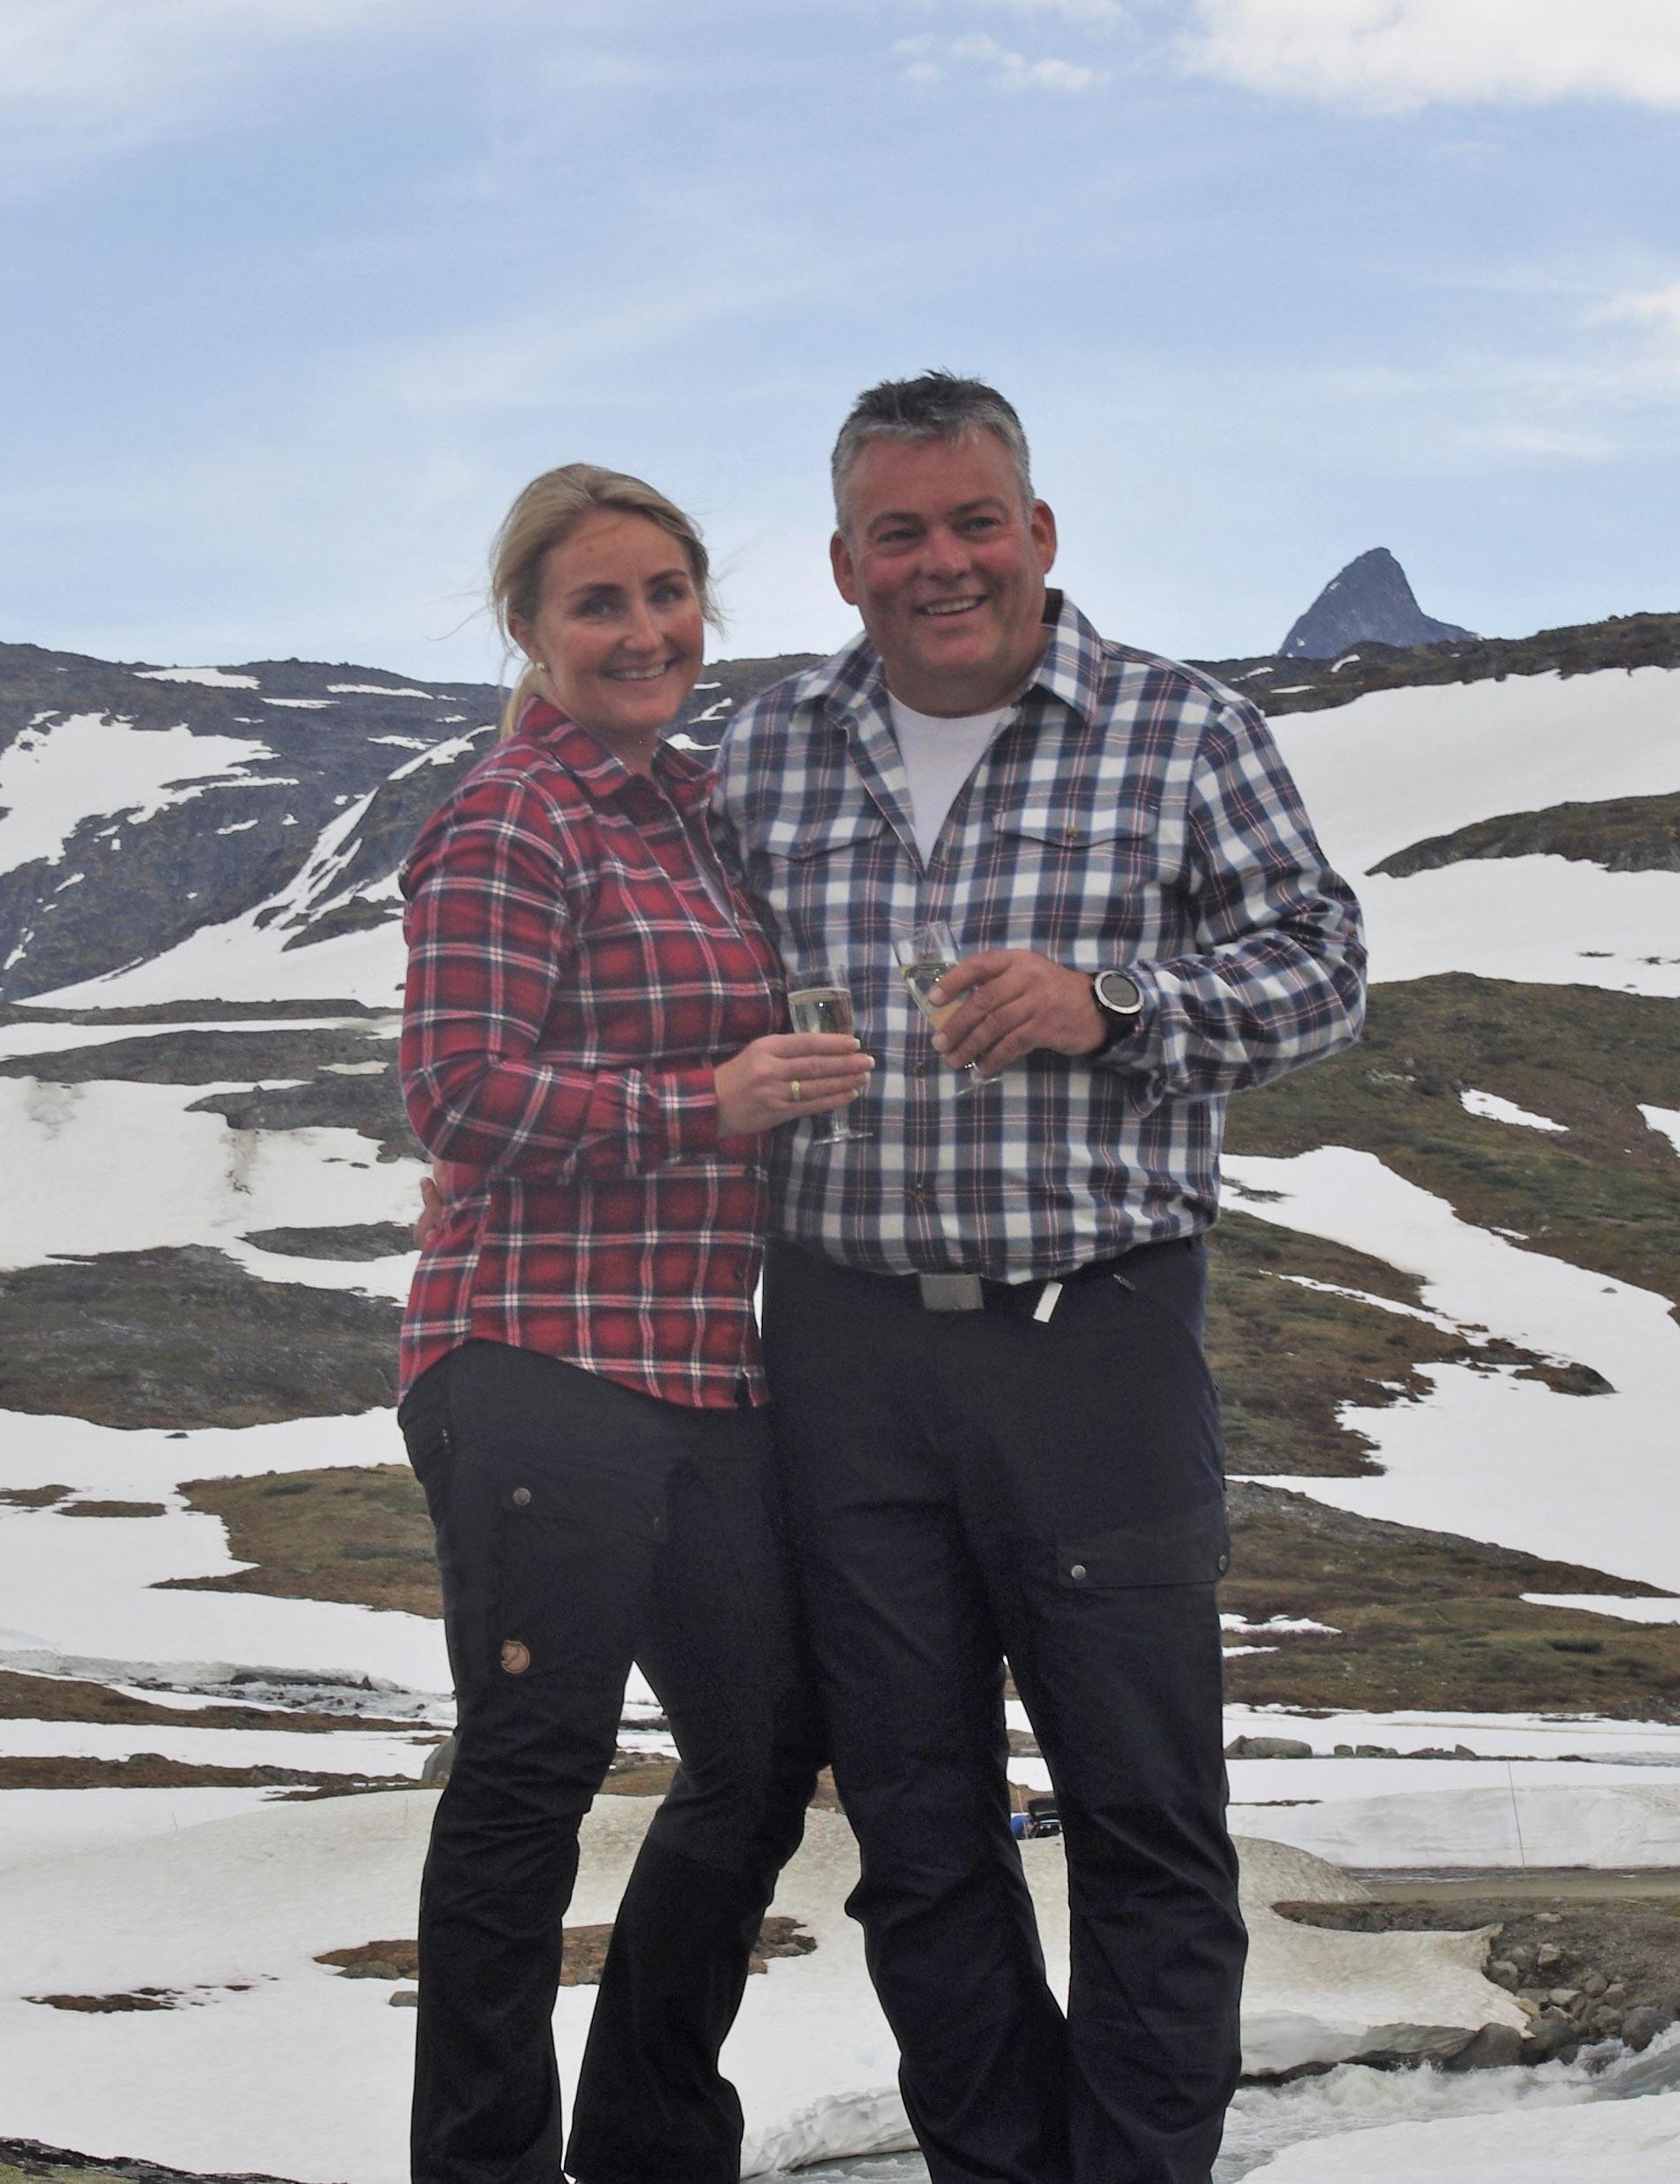 Lene og Bjarne ved Krossbu turisthytte